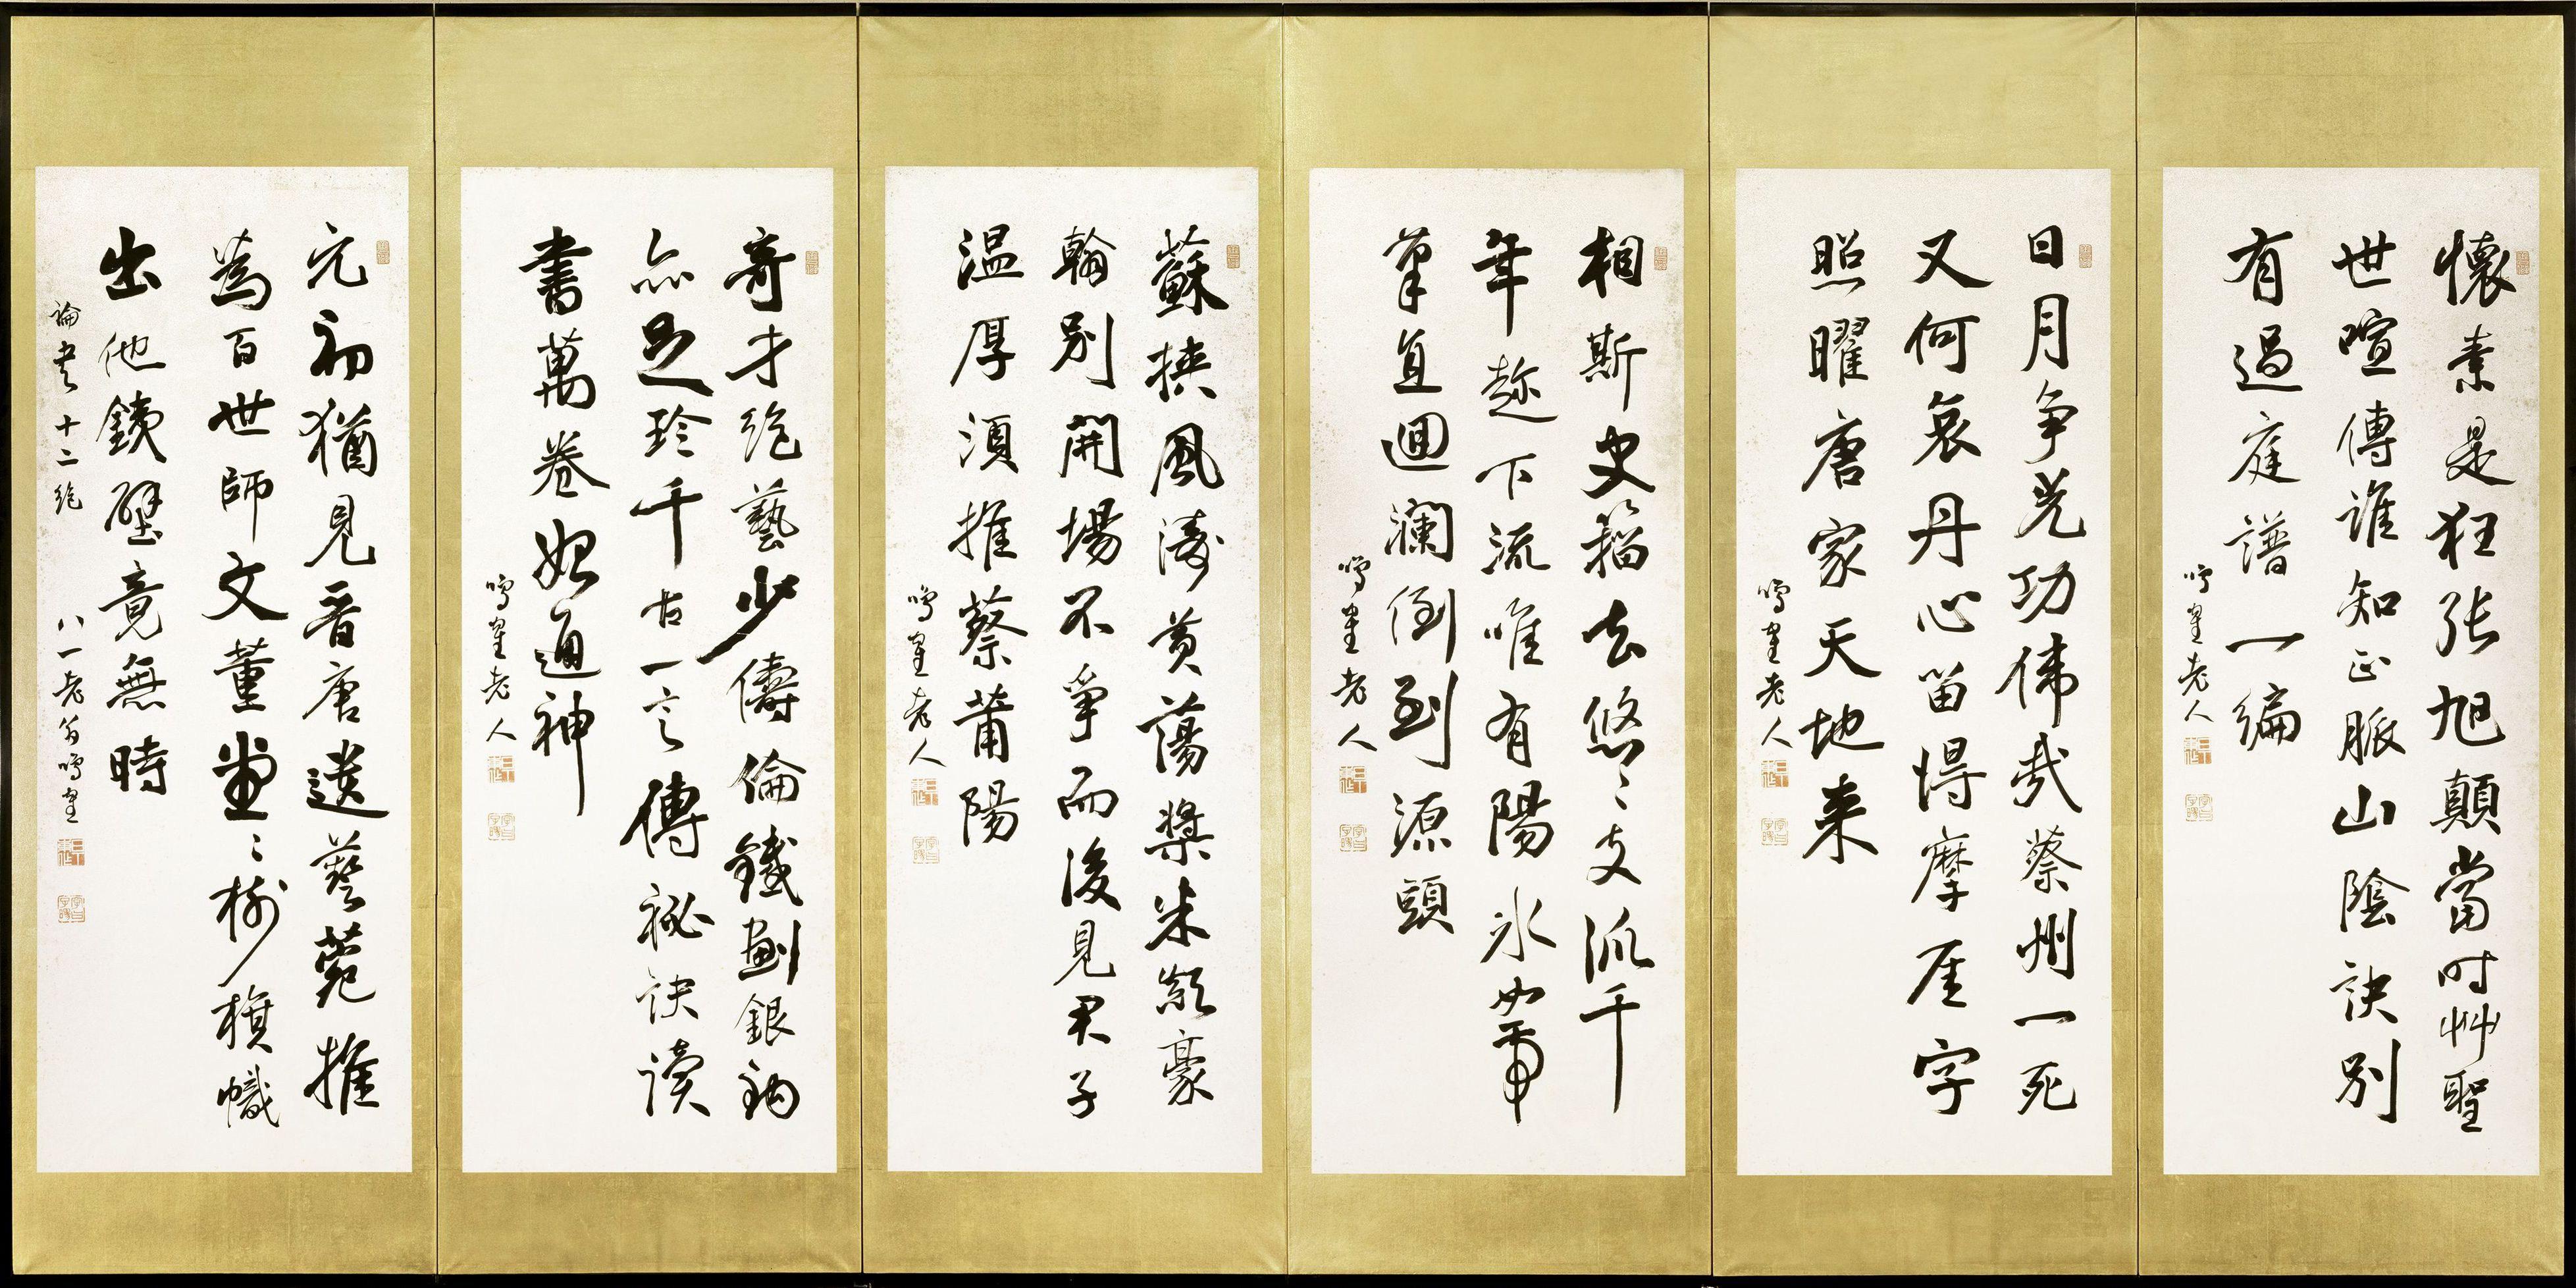 La lingua giapponese utilizza una vasta gamma di suffissi onorifici per riferirsi alle persone, per.